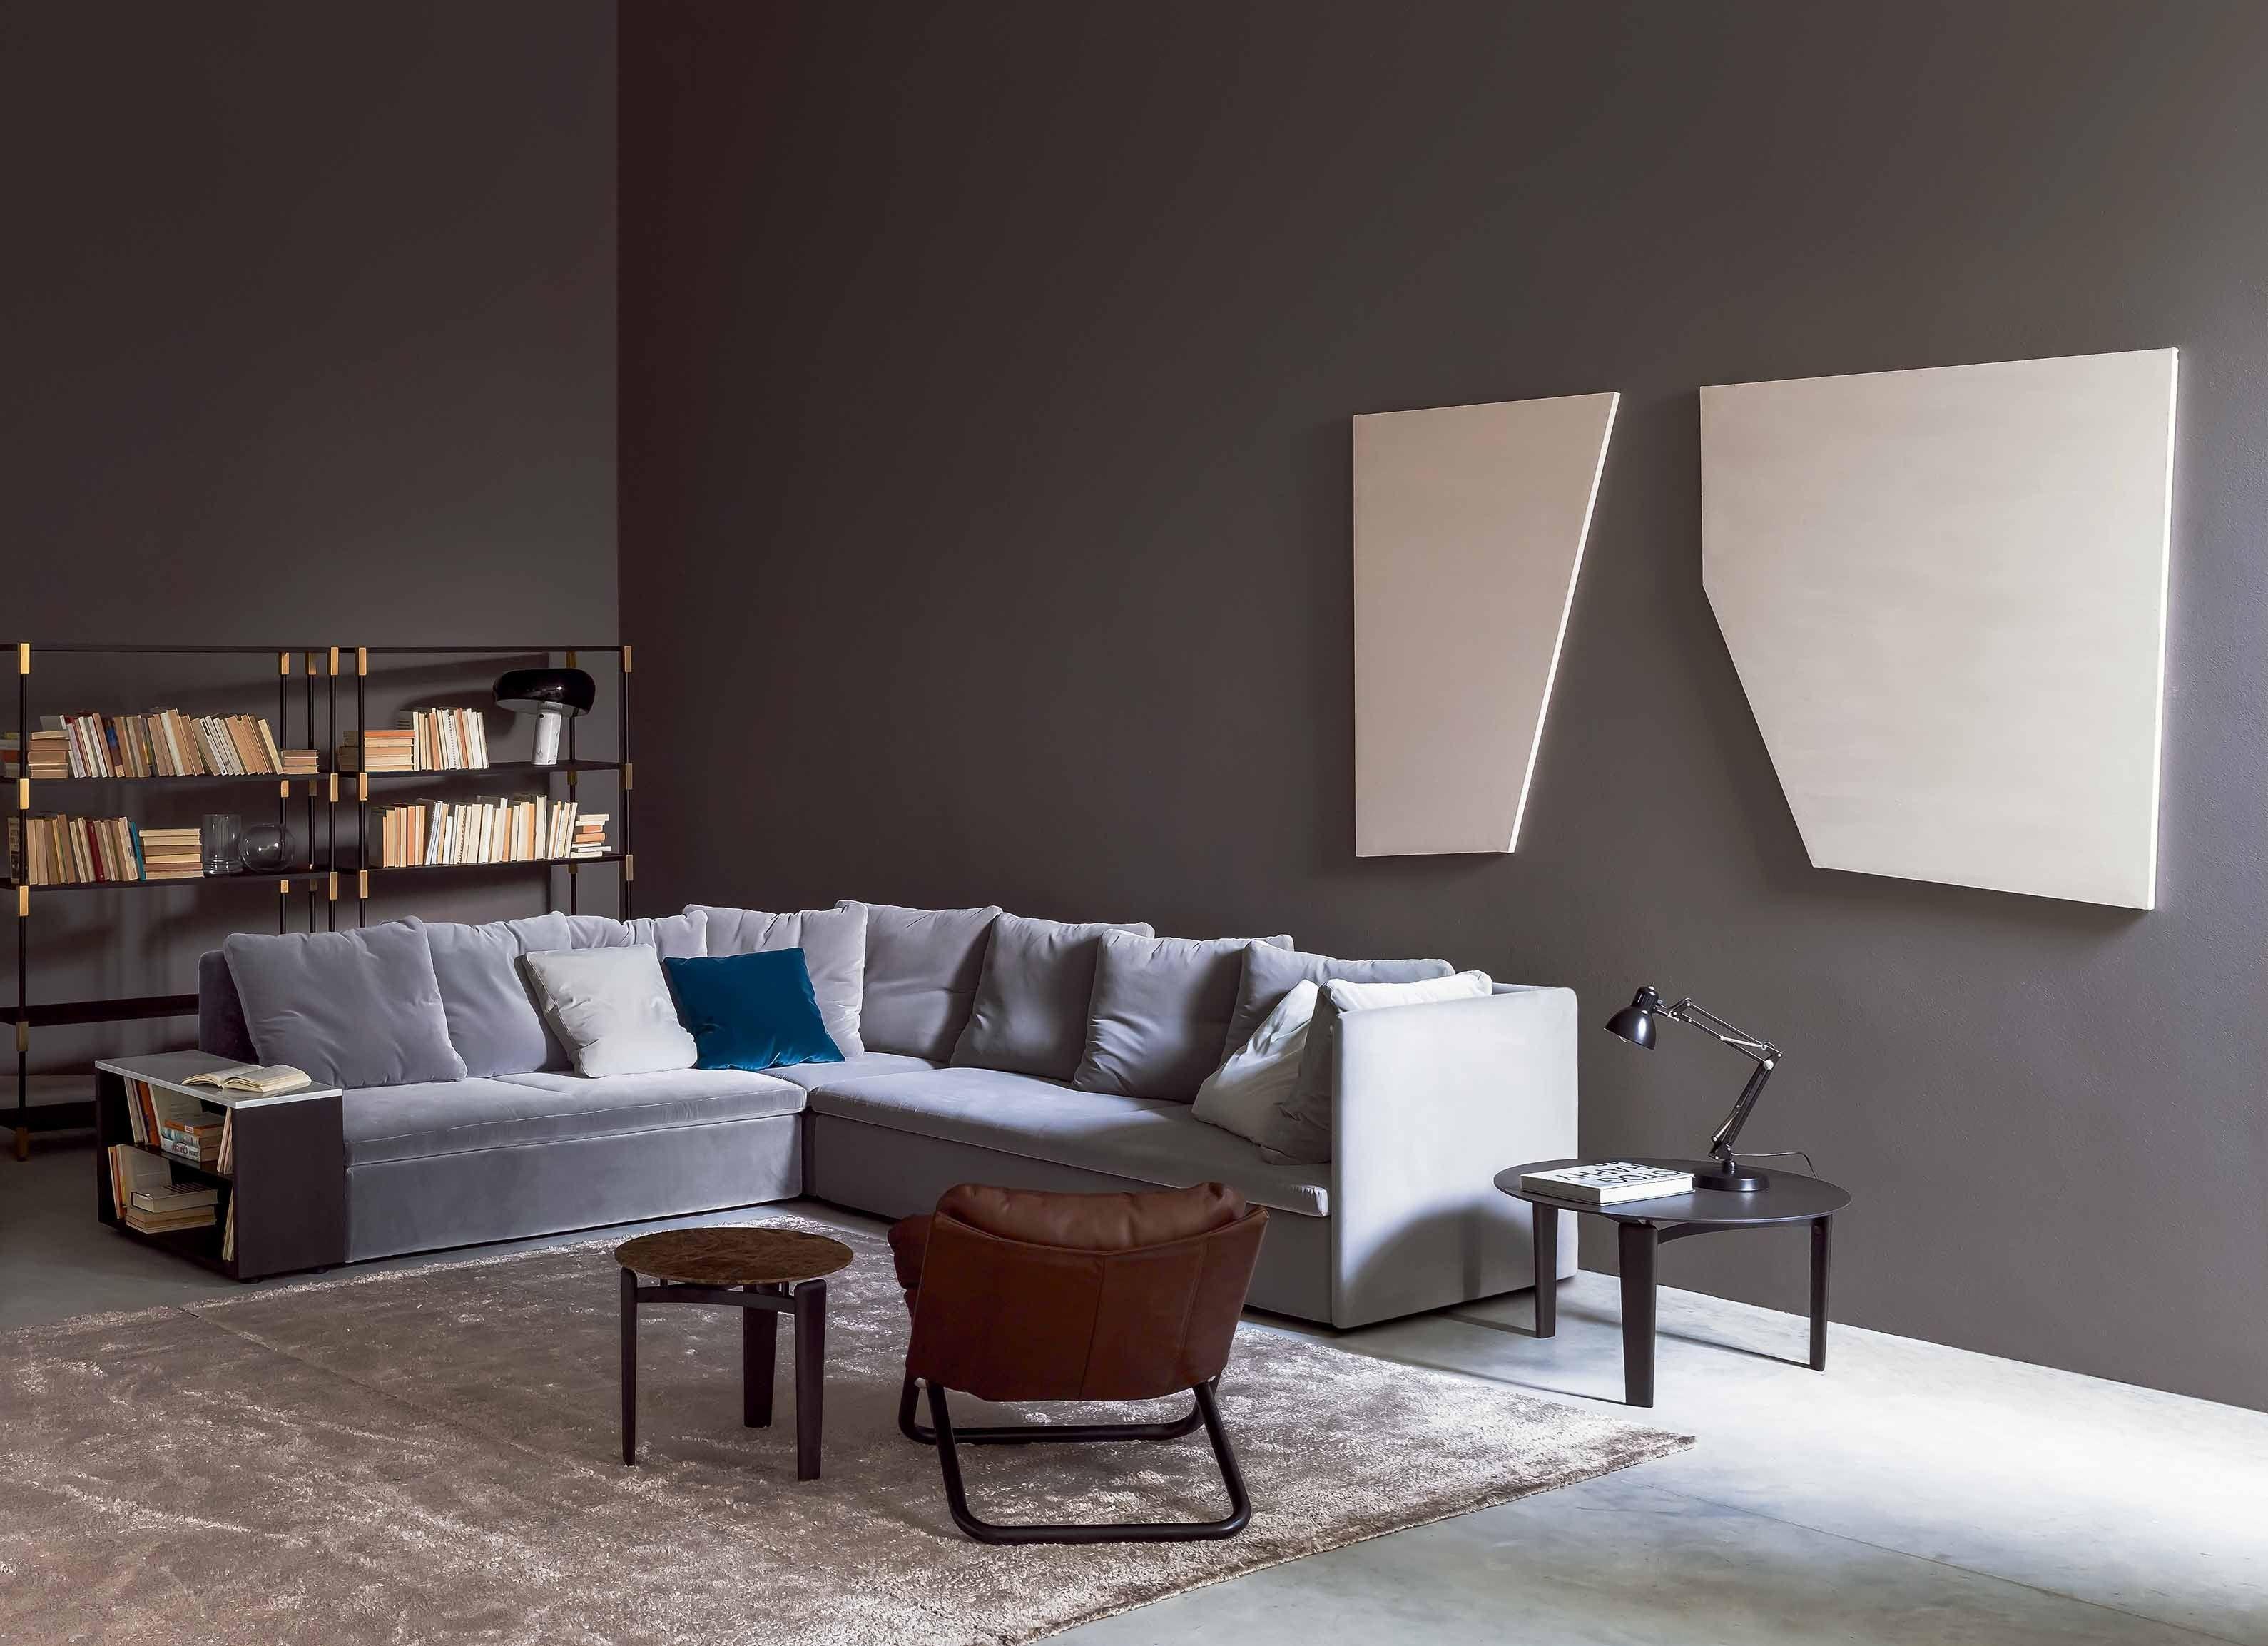 Dwg divani 28 images dwg divani dimensione letto ikea for Il miglior design della casa